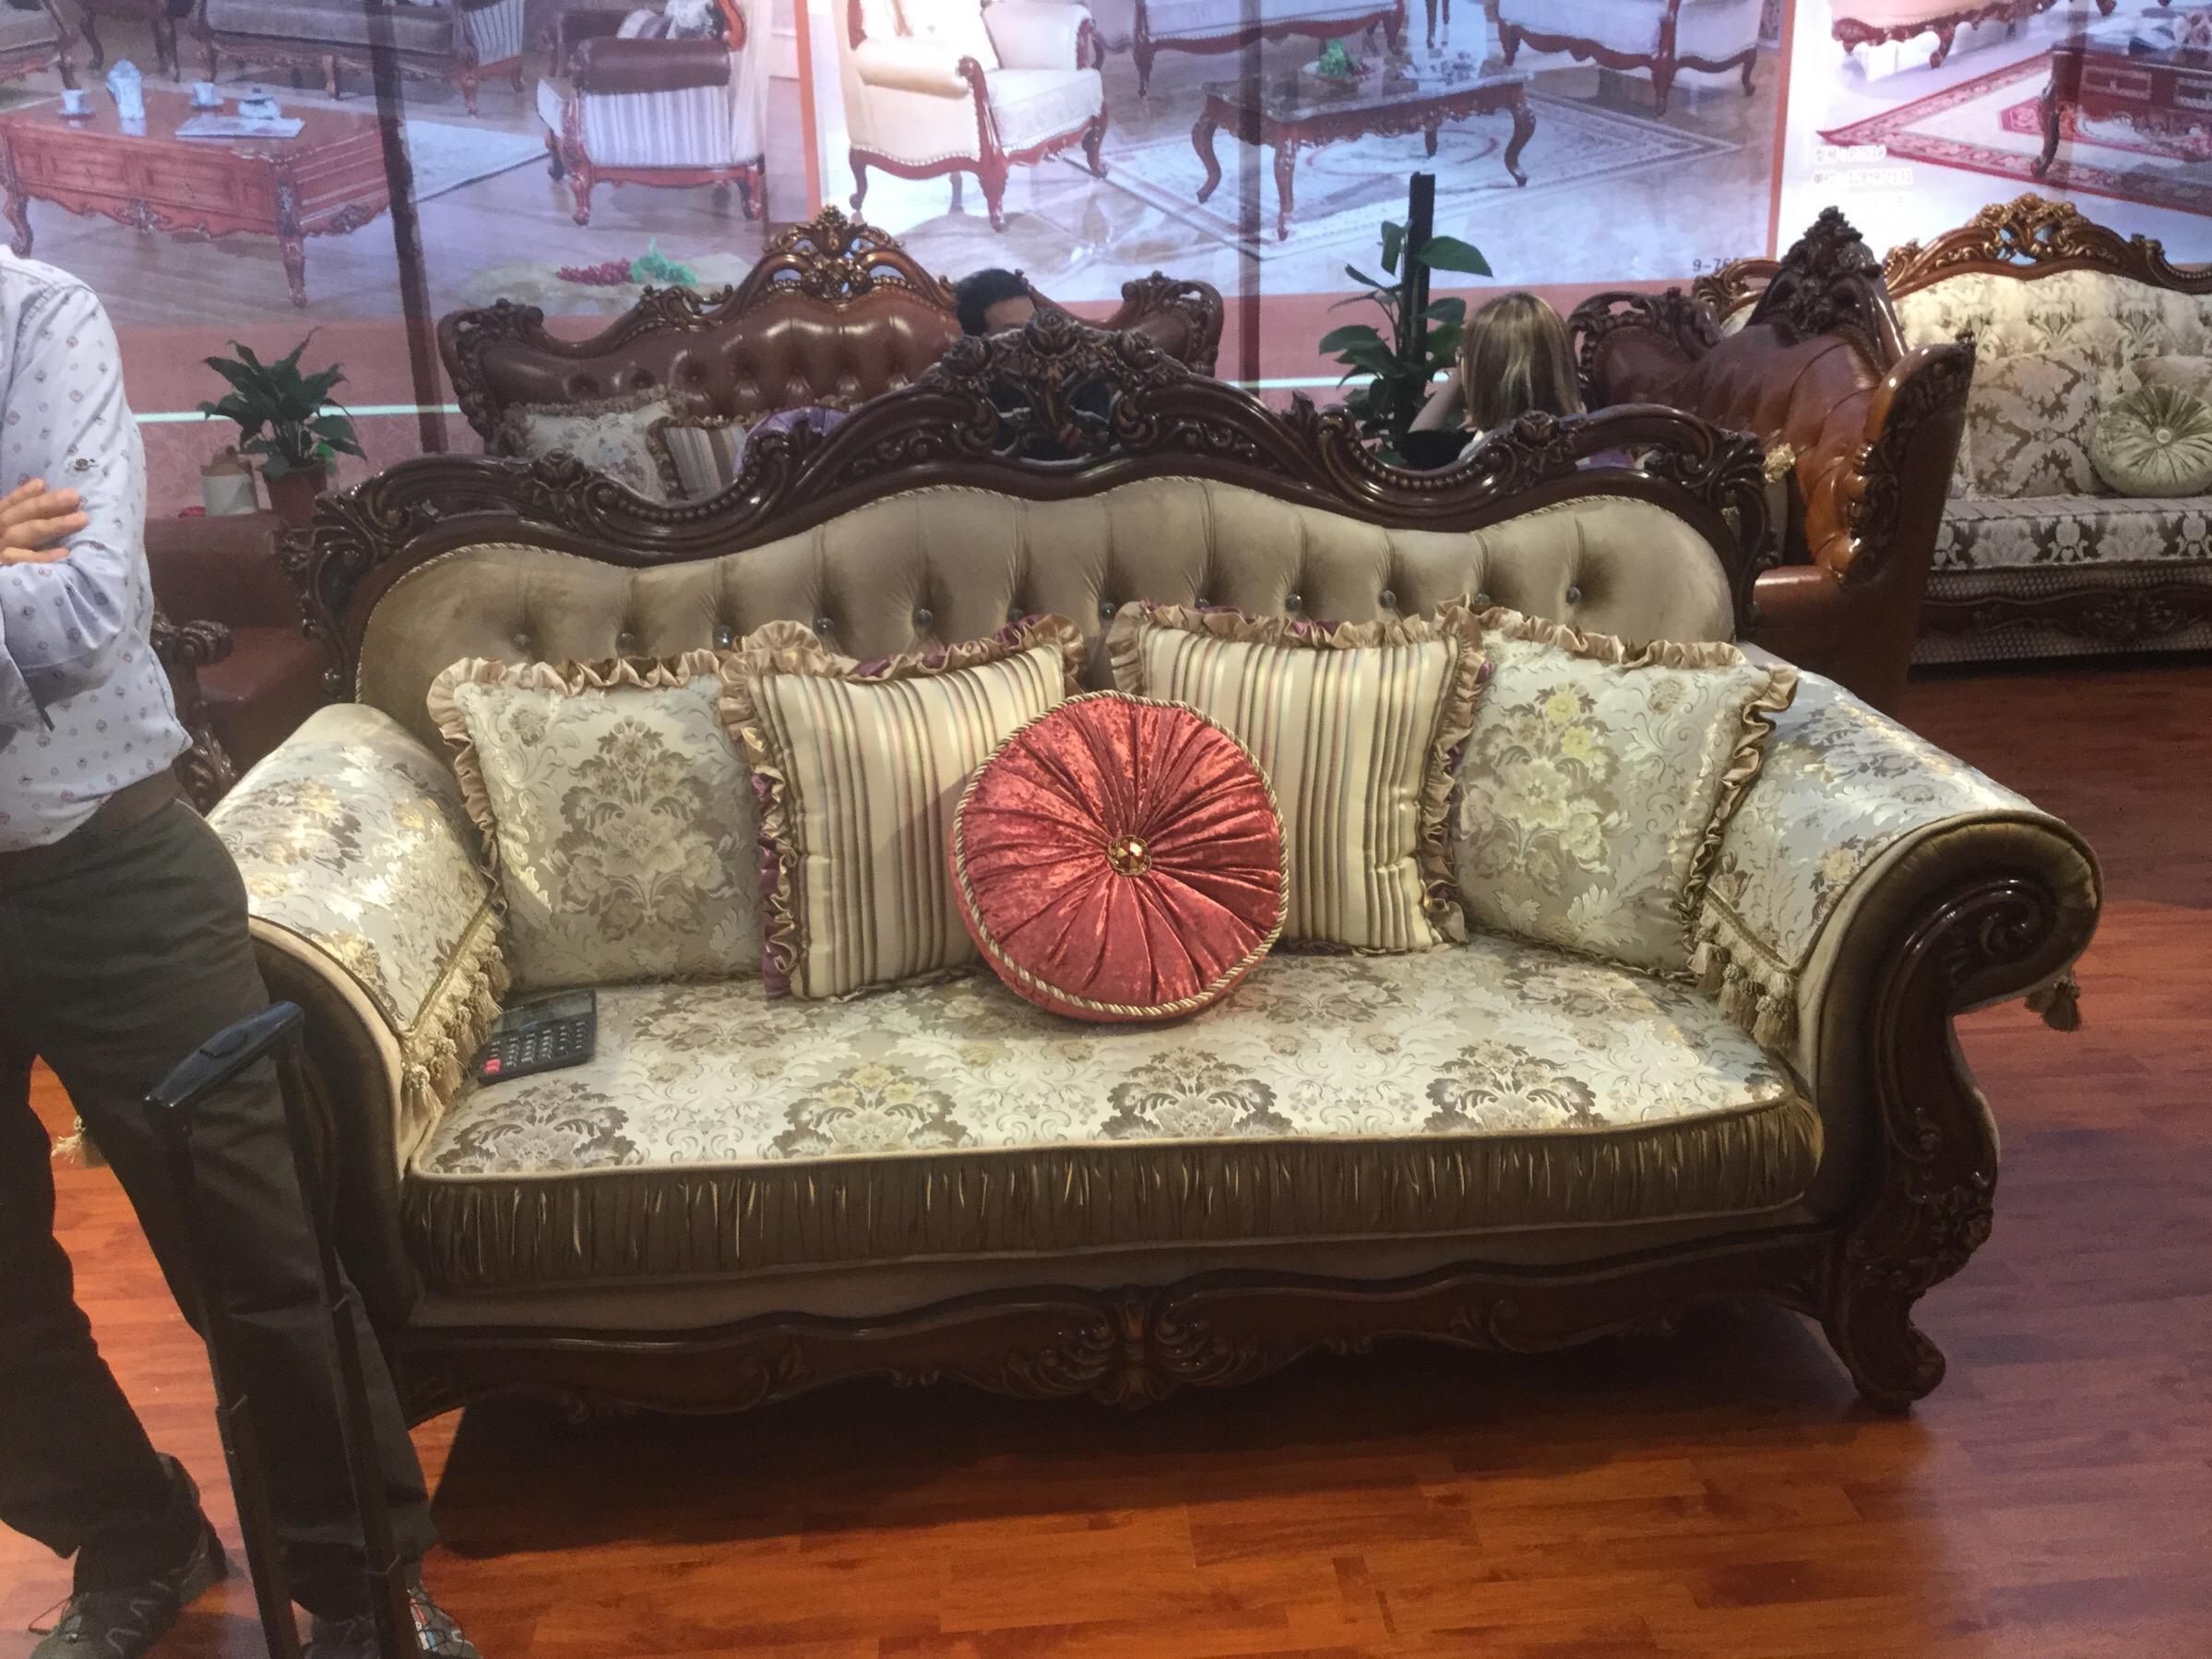 Tiago 3pce 750 chaise winston sahd for 750 sofa chaise